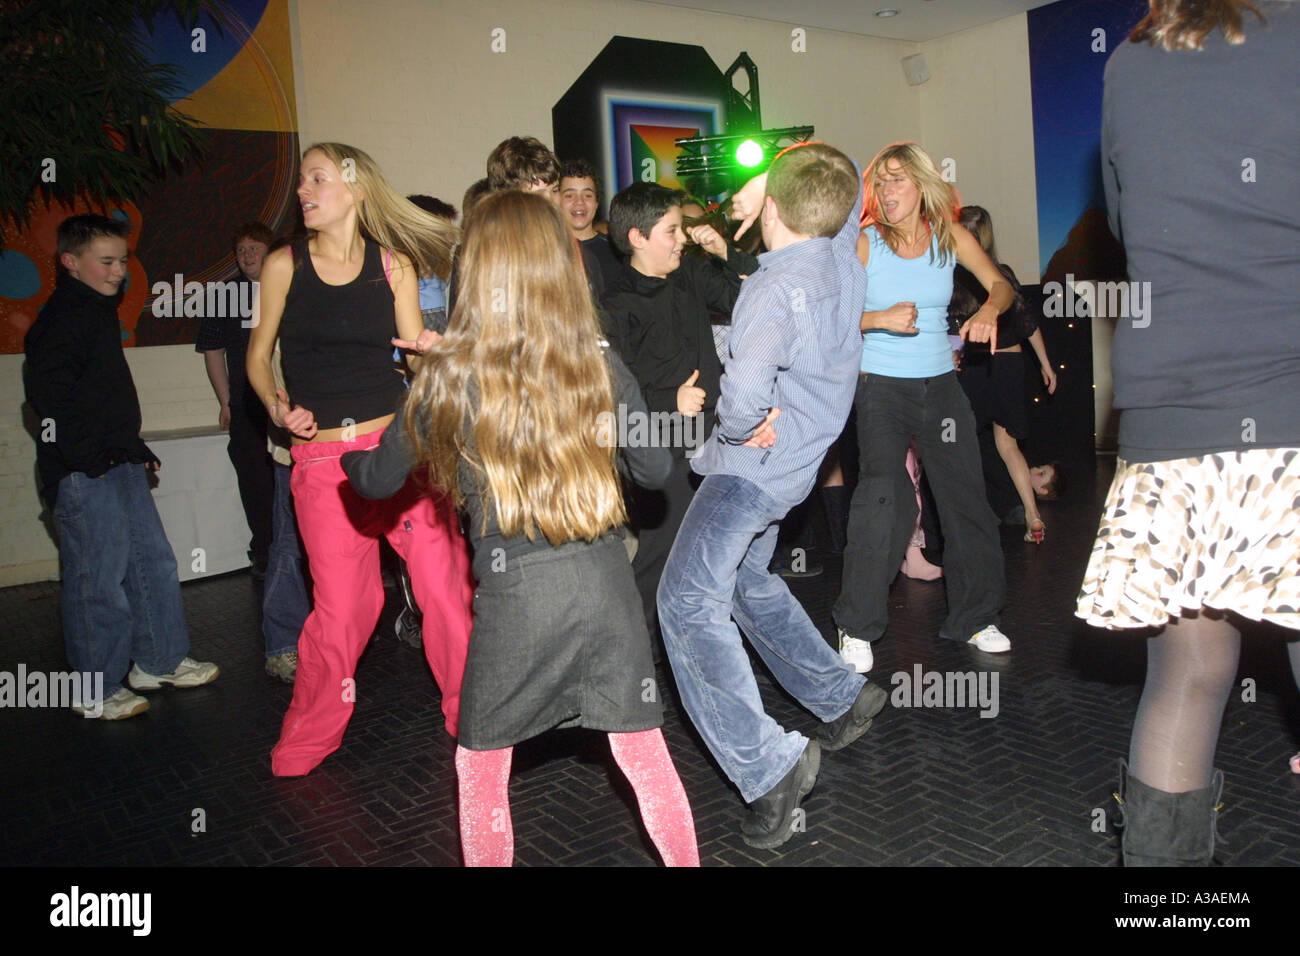 Giovani adolescenti in un party discoteca Immagini Stock